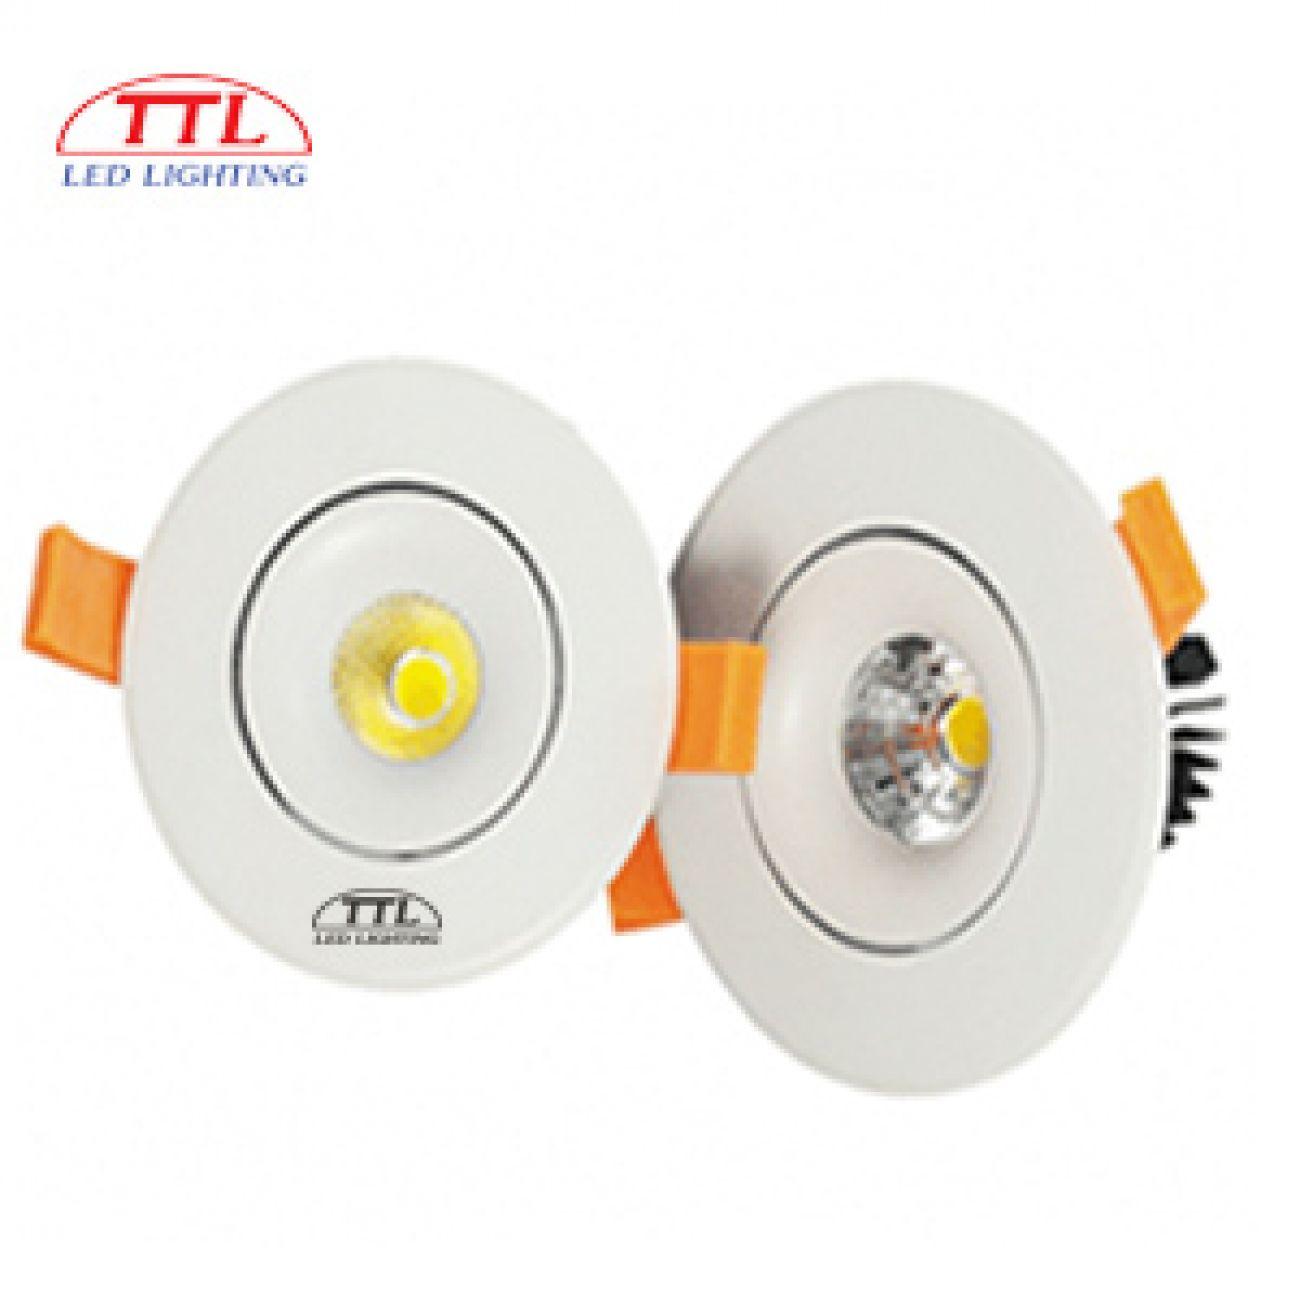 Đèn LED âm trần chỉnh hướng 12W 3000K/4000K/6000K